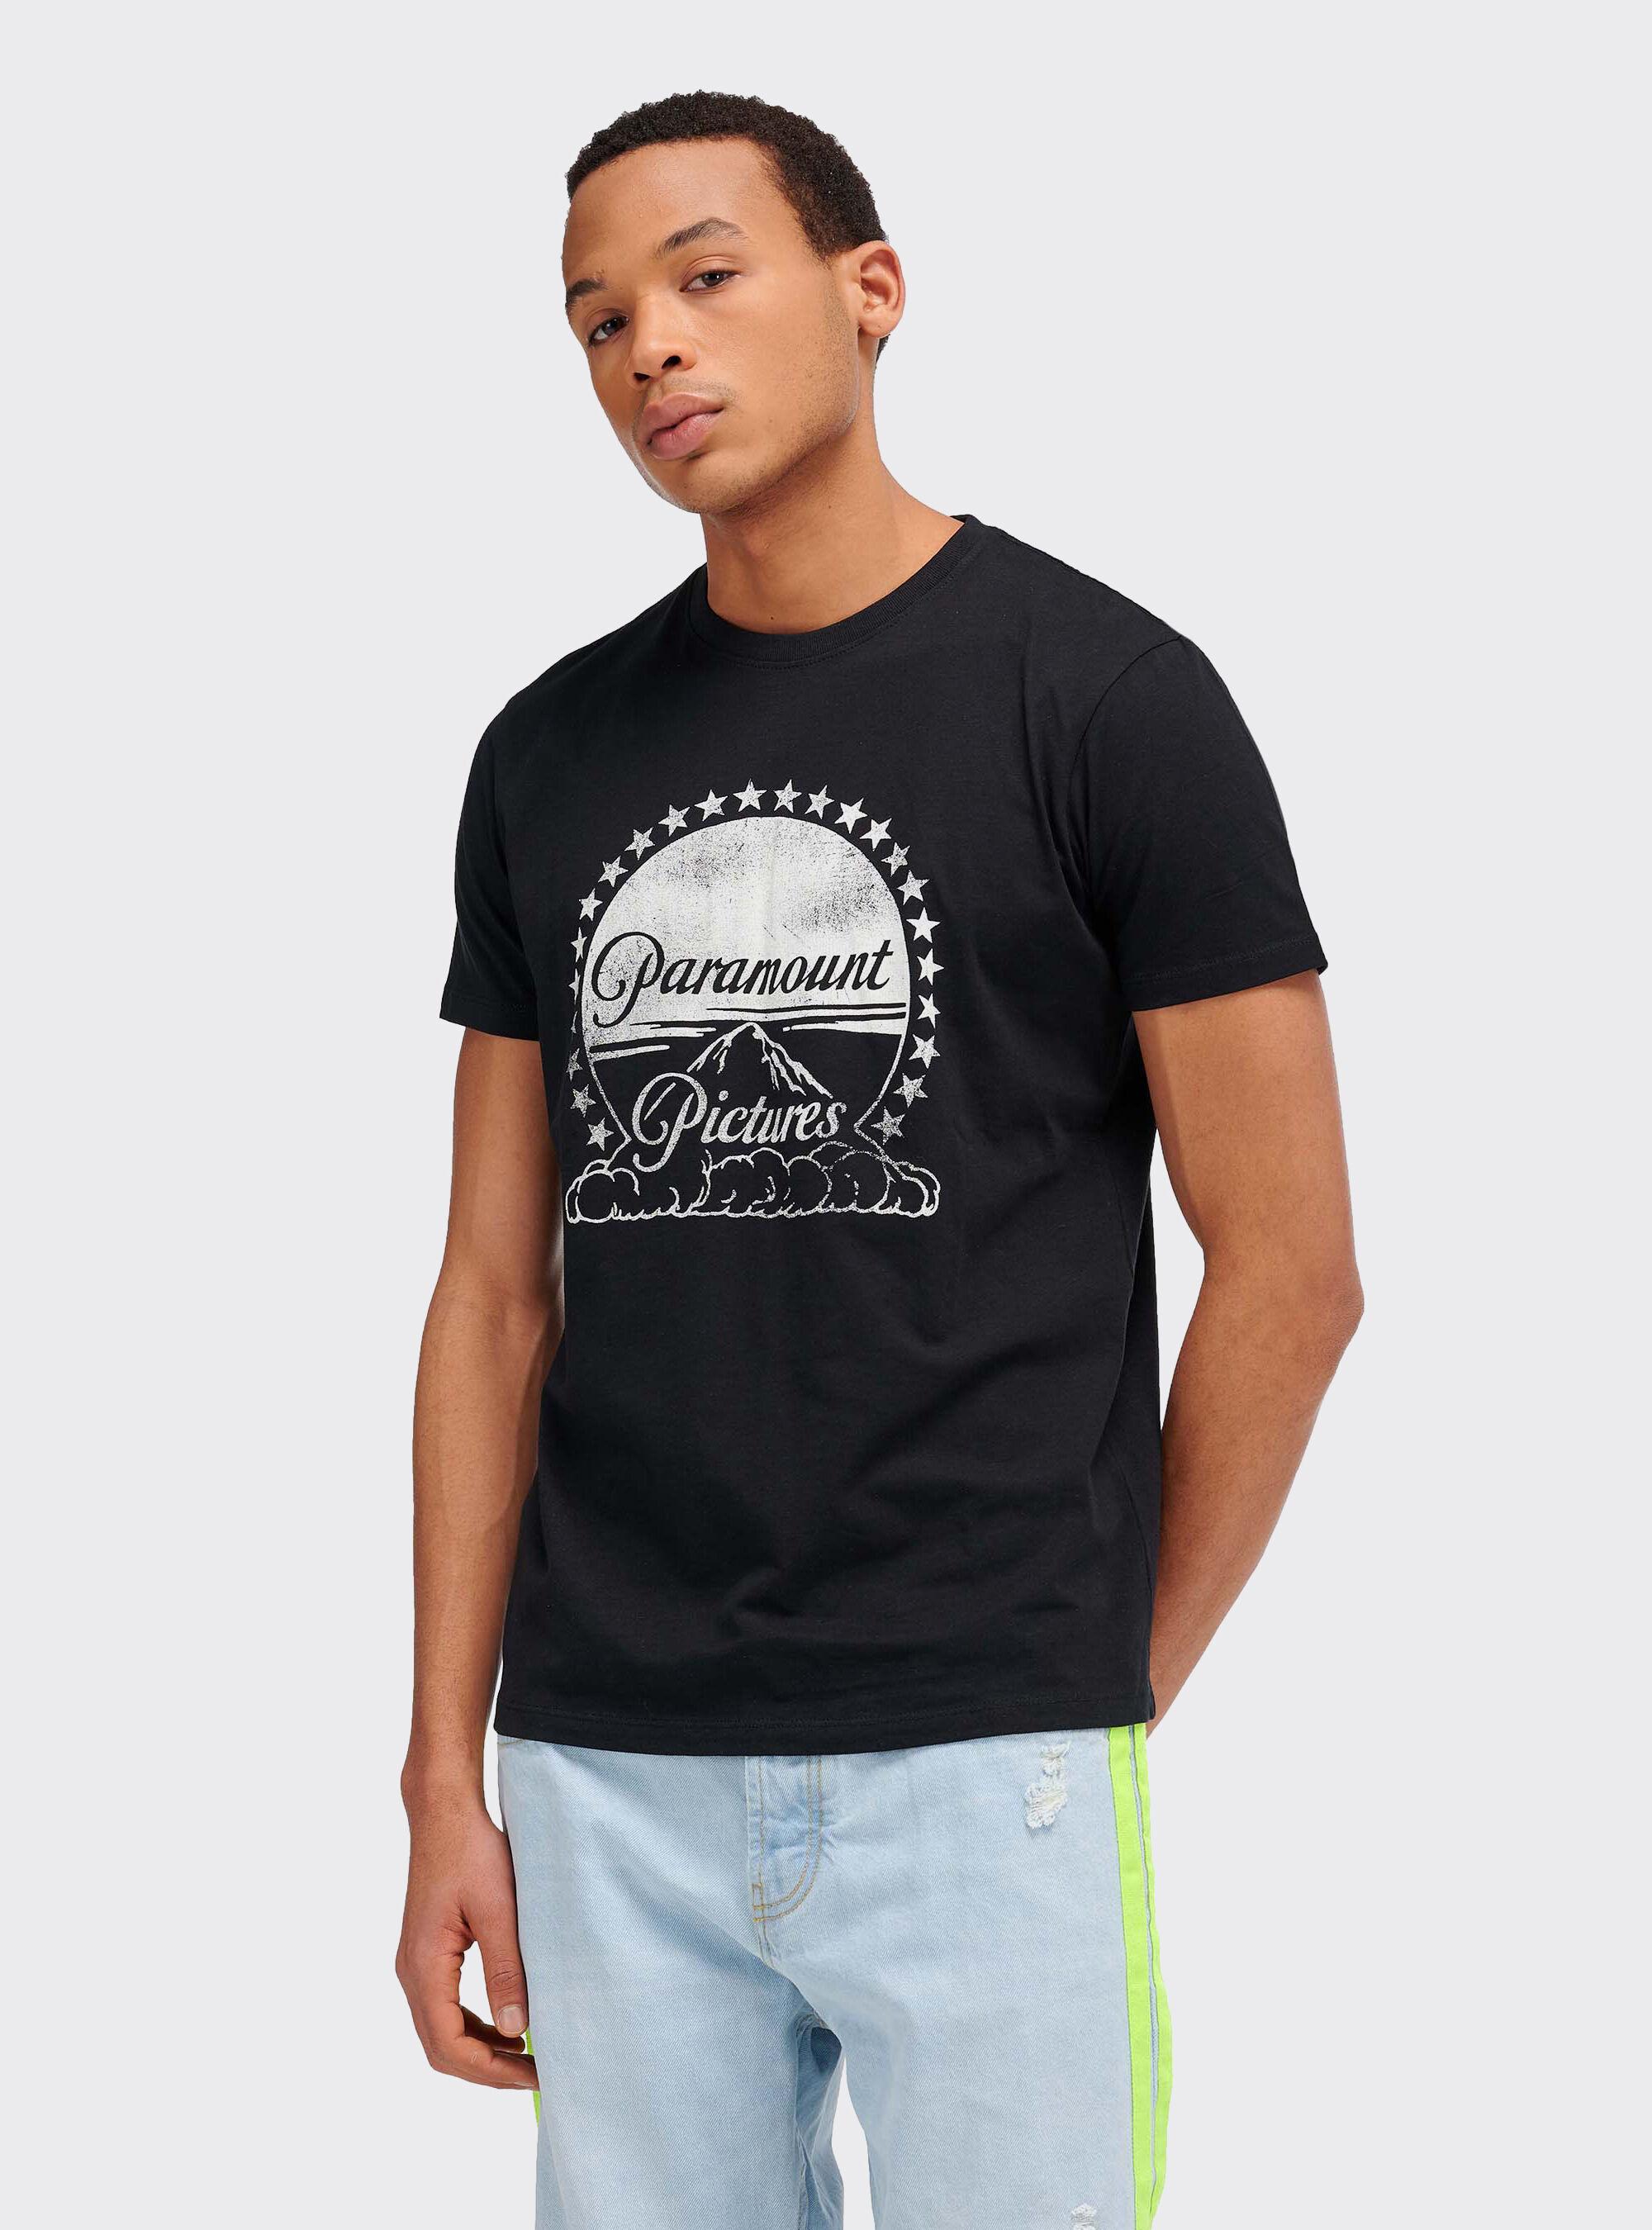 T shirt e Magliette da Uomo | Acquista online su Alcott Alcott